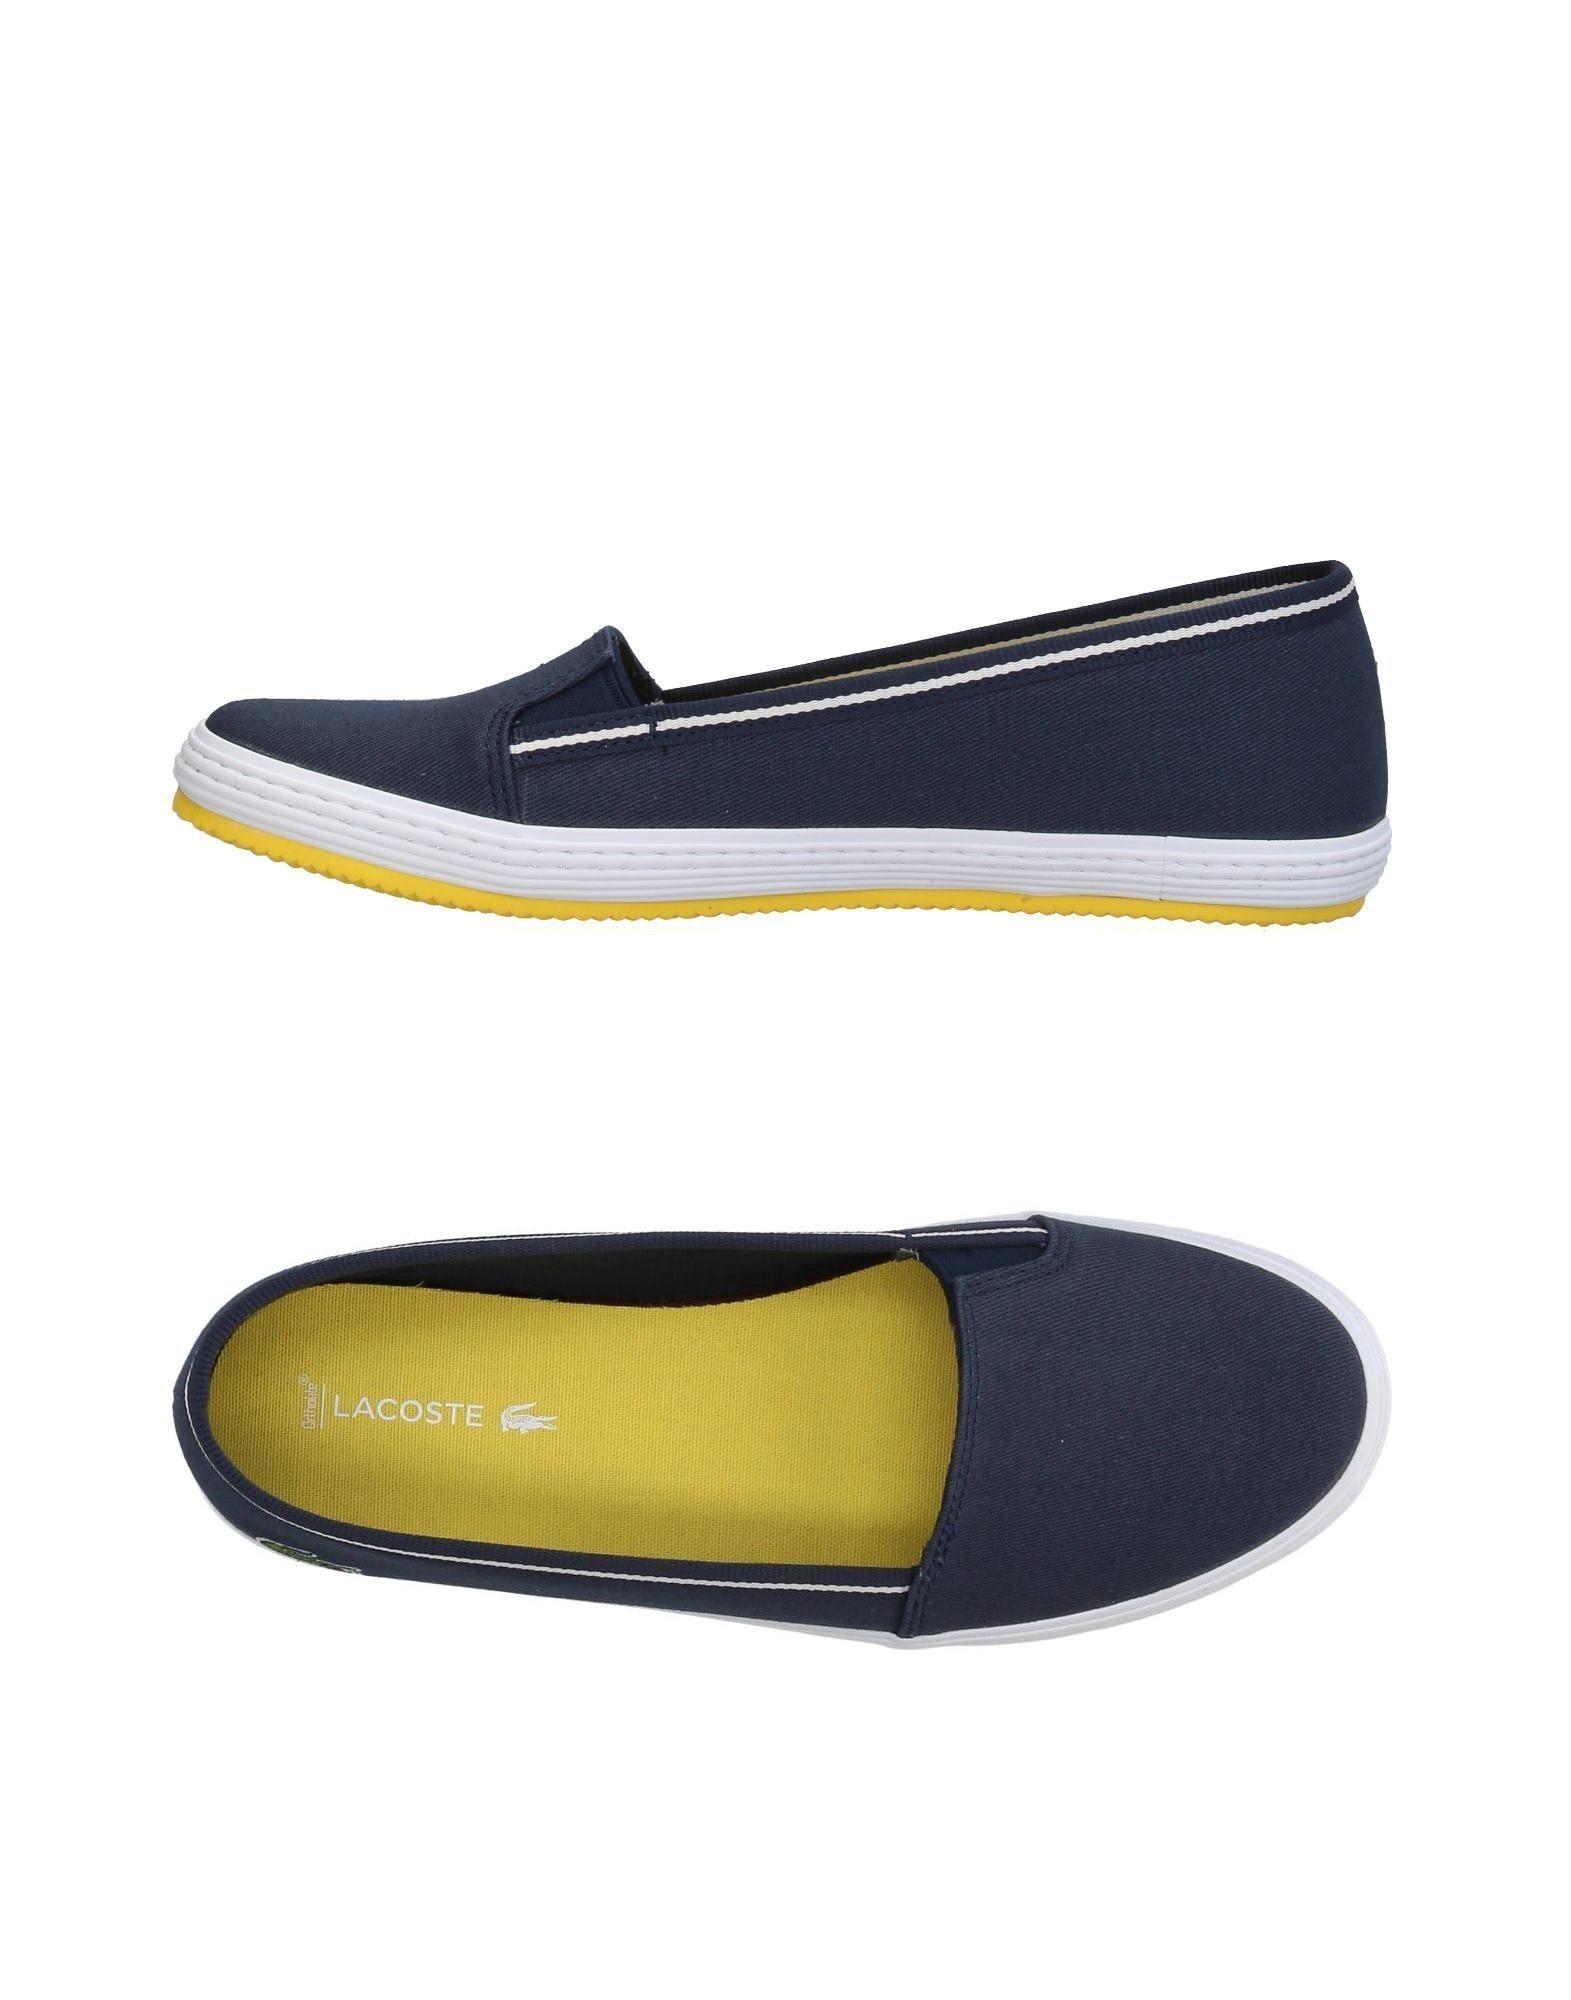 Sneakers Lacoste Femme - Sneakers Lacoste sur